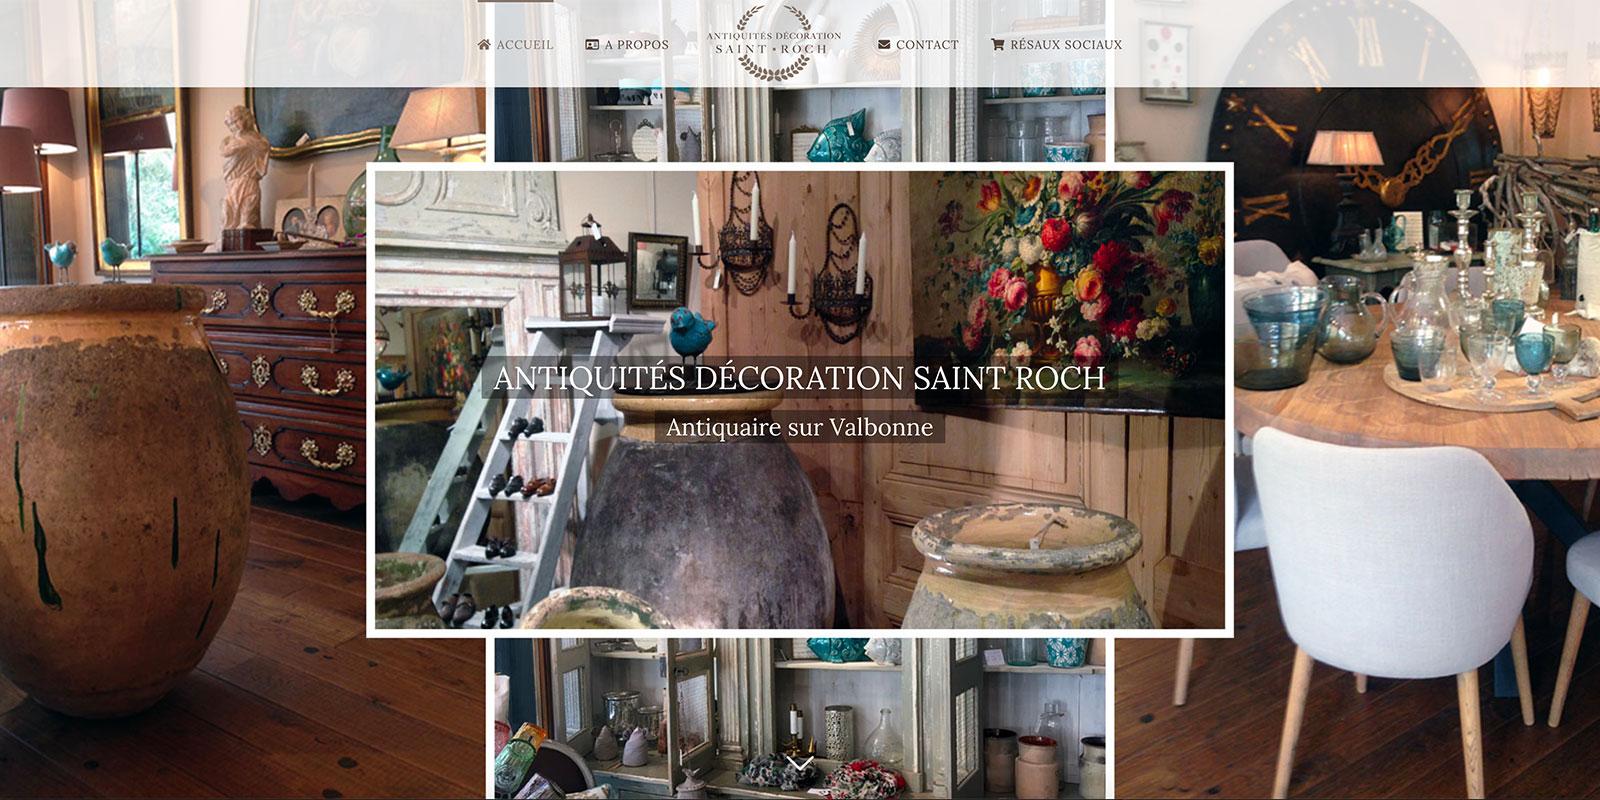 Référence -Site internet Antiquités Décoration Saint Roch - Netcom Agency - Communication numérique